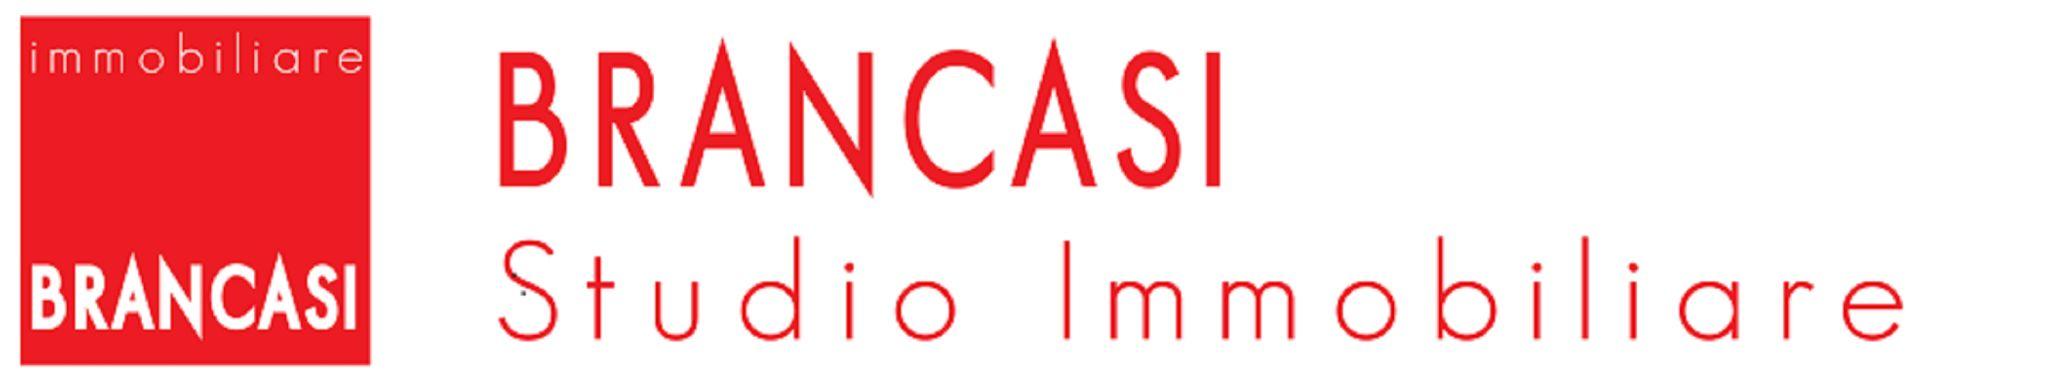 BRANCASI STUDIO IMMOBILIARE